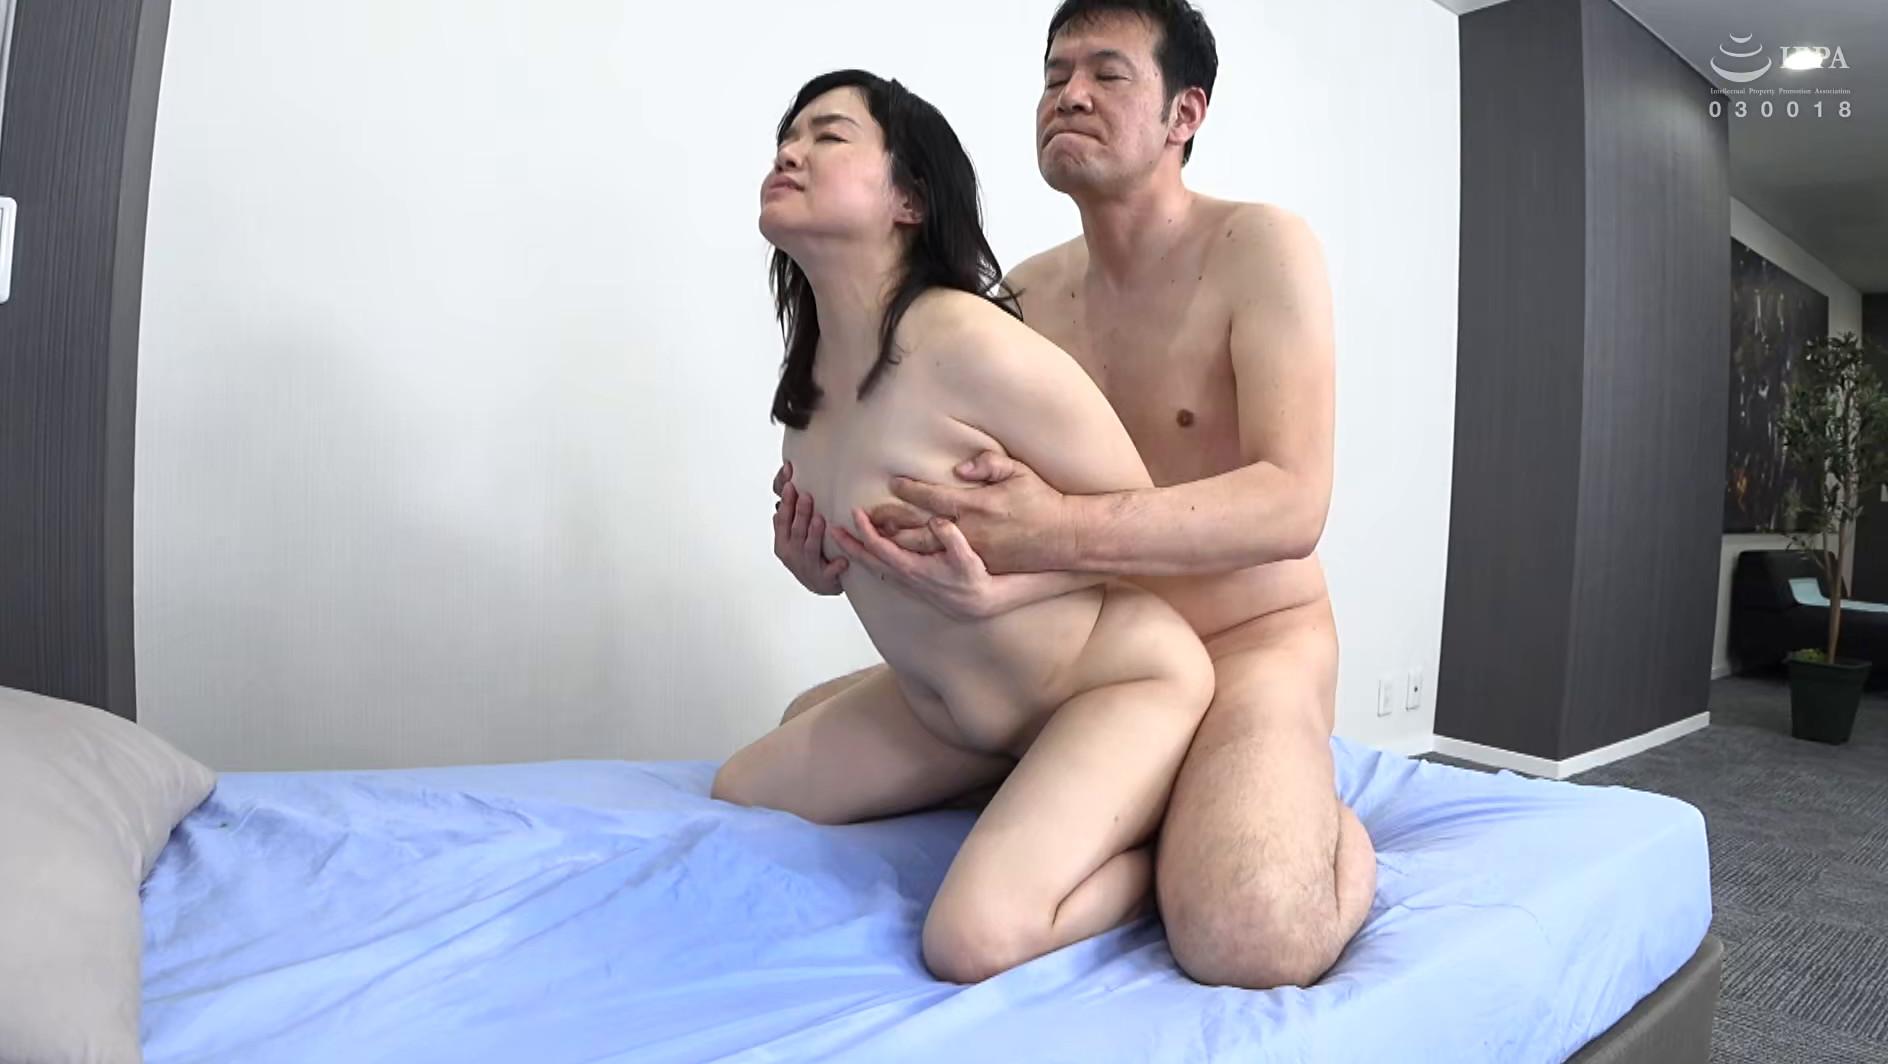 欲求不満五十路妻 近所にいそうなかわいらしい普通の奥様は潮をふきまくるドスケベ変態だった! 優子さん(52歳),のサンプル画像30